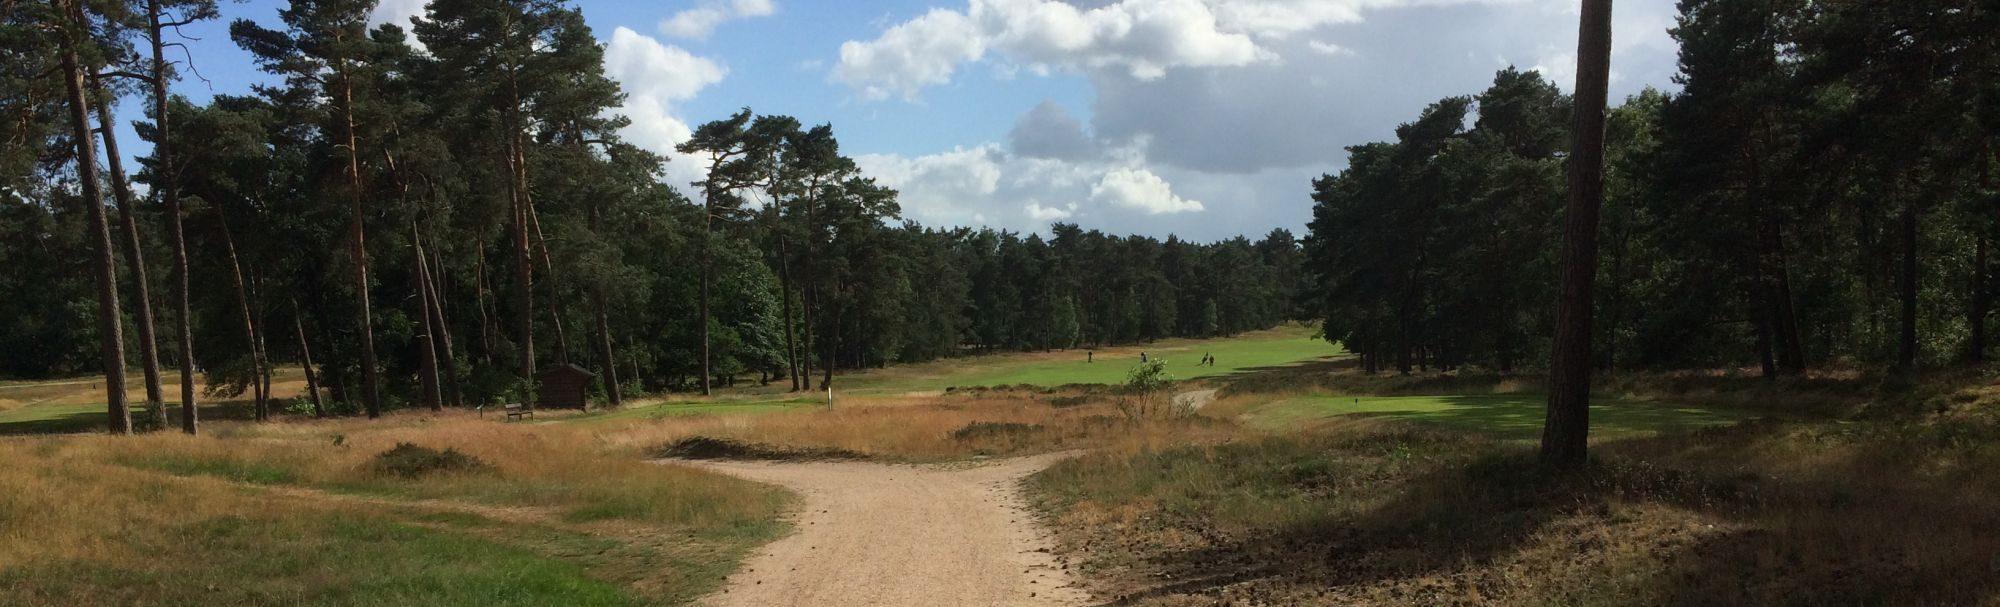 De golfbaan van de Rosendaelsche Golfclub